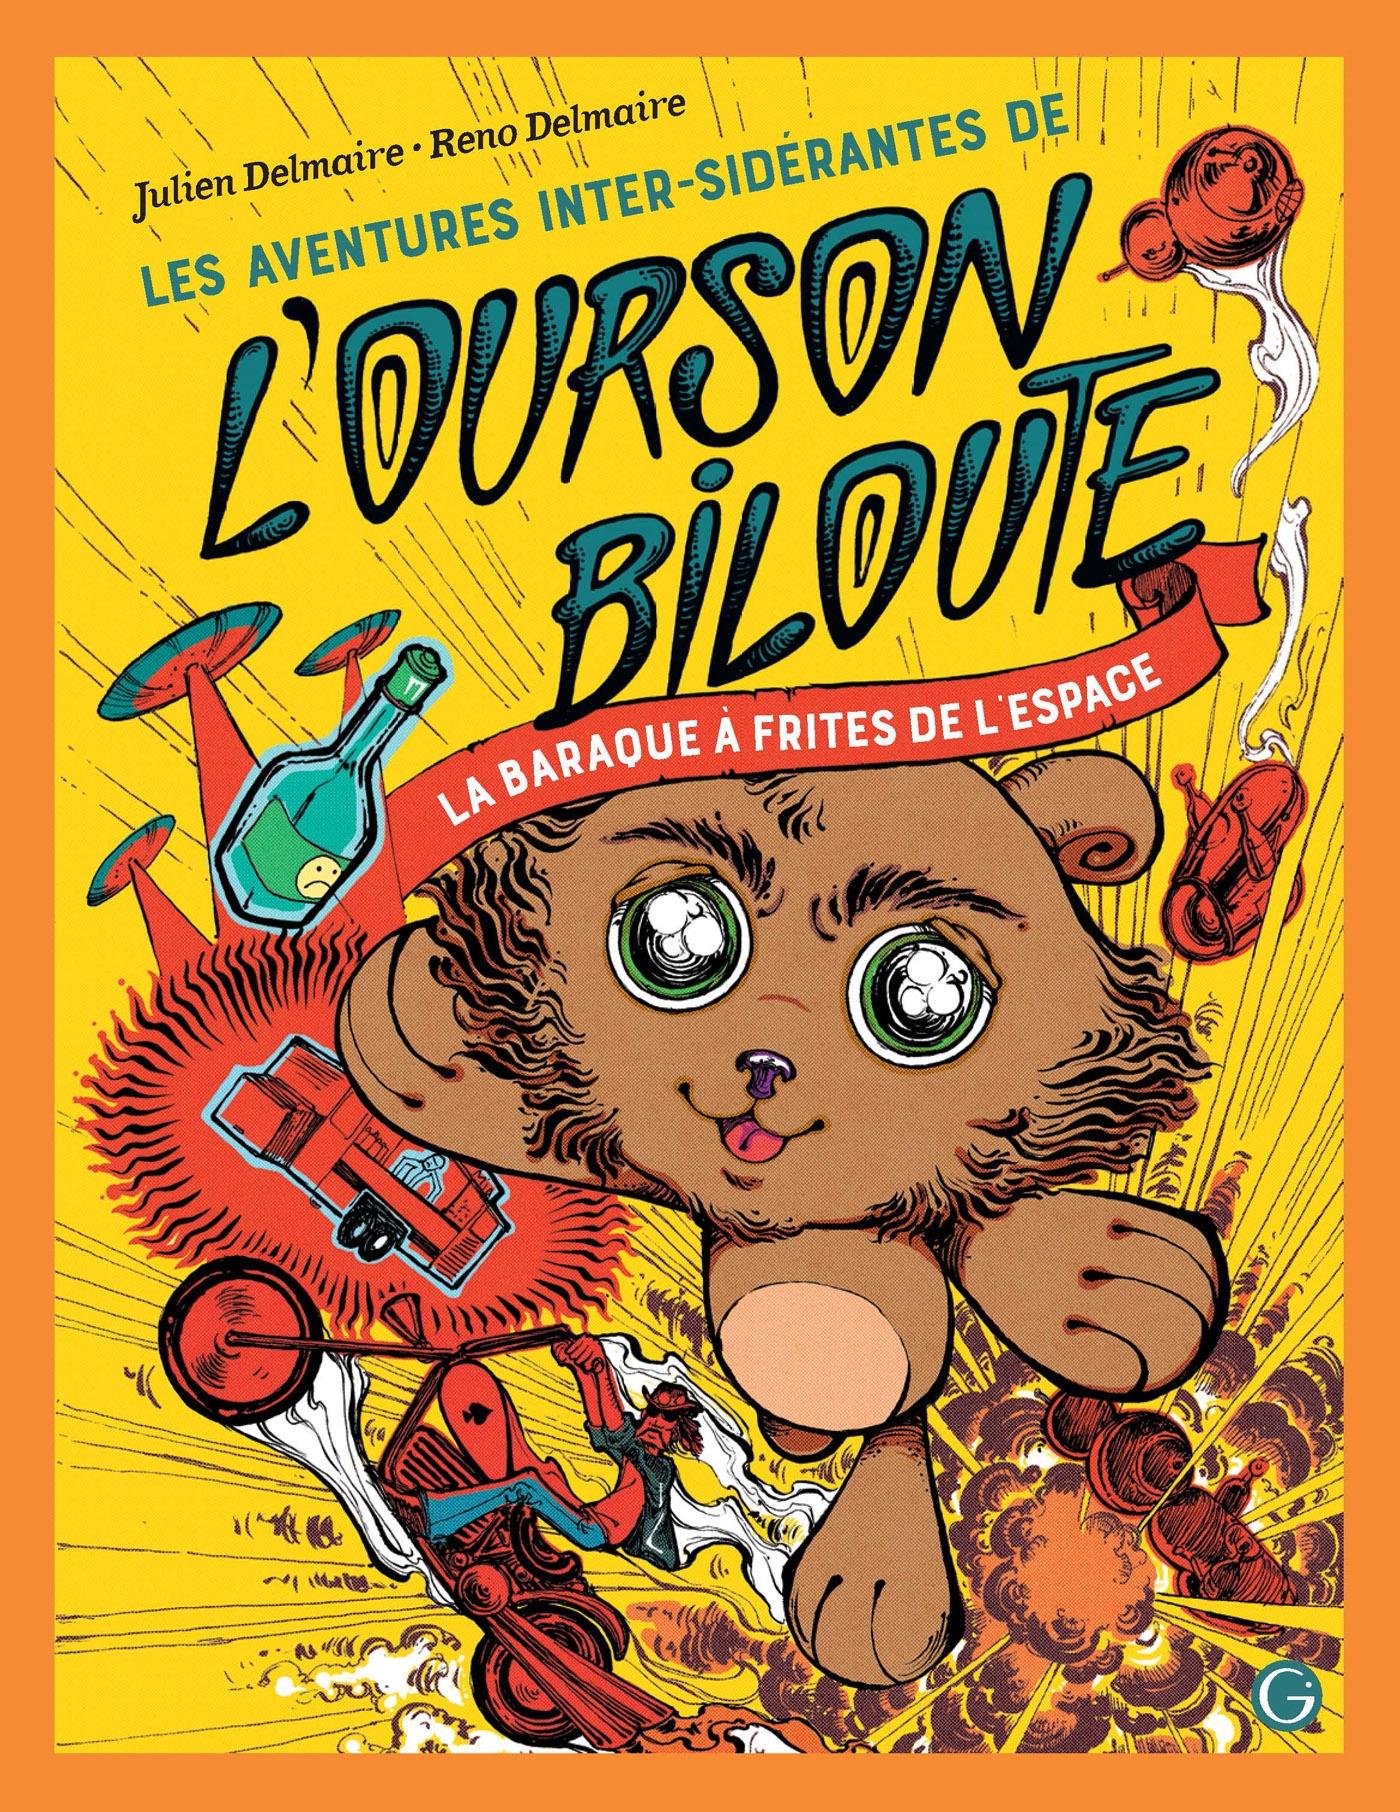 Les Aventures inter-sidérantes de l'Ourson Biloute, épisode 1 | Delmaire, Julien. Auteur